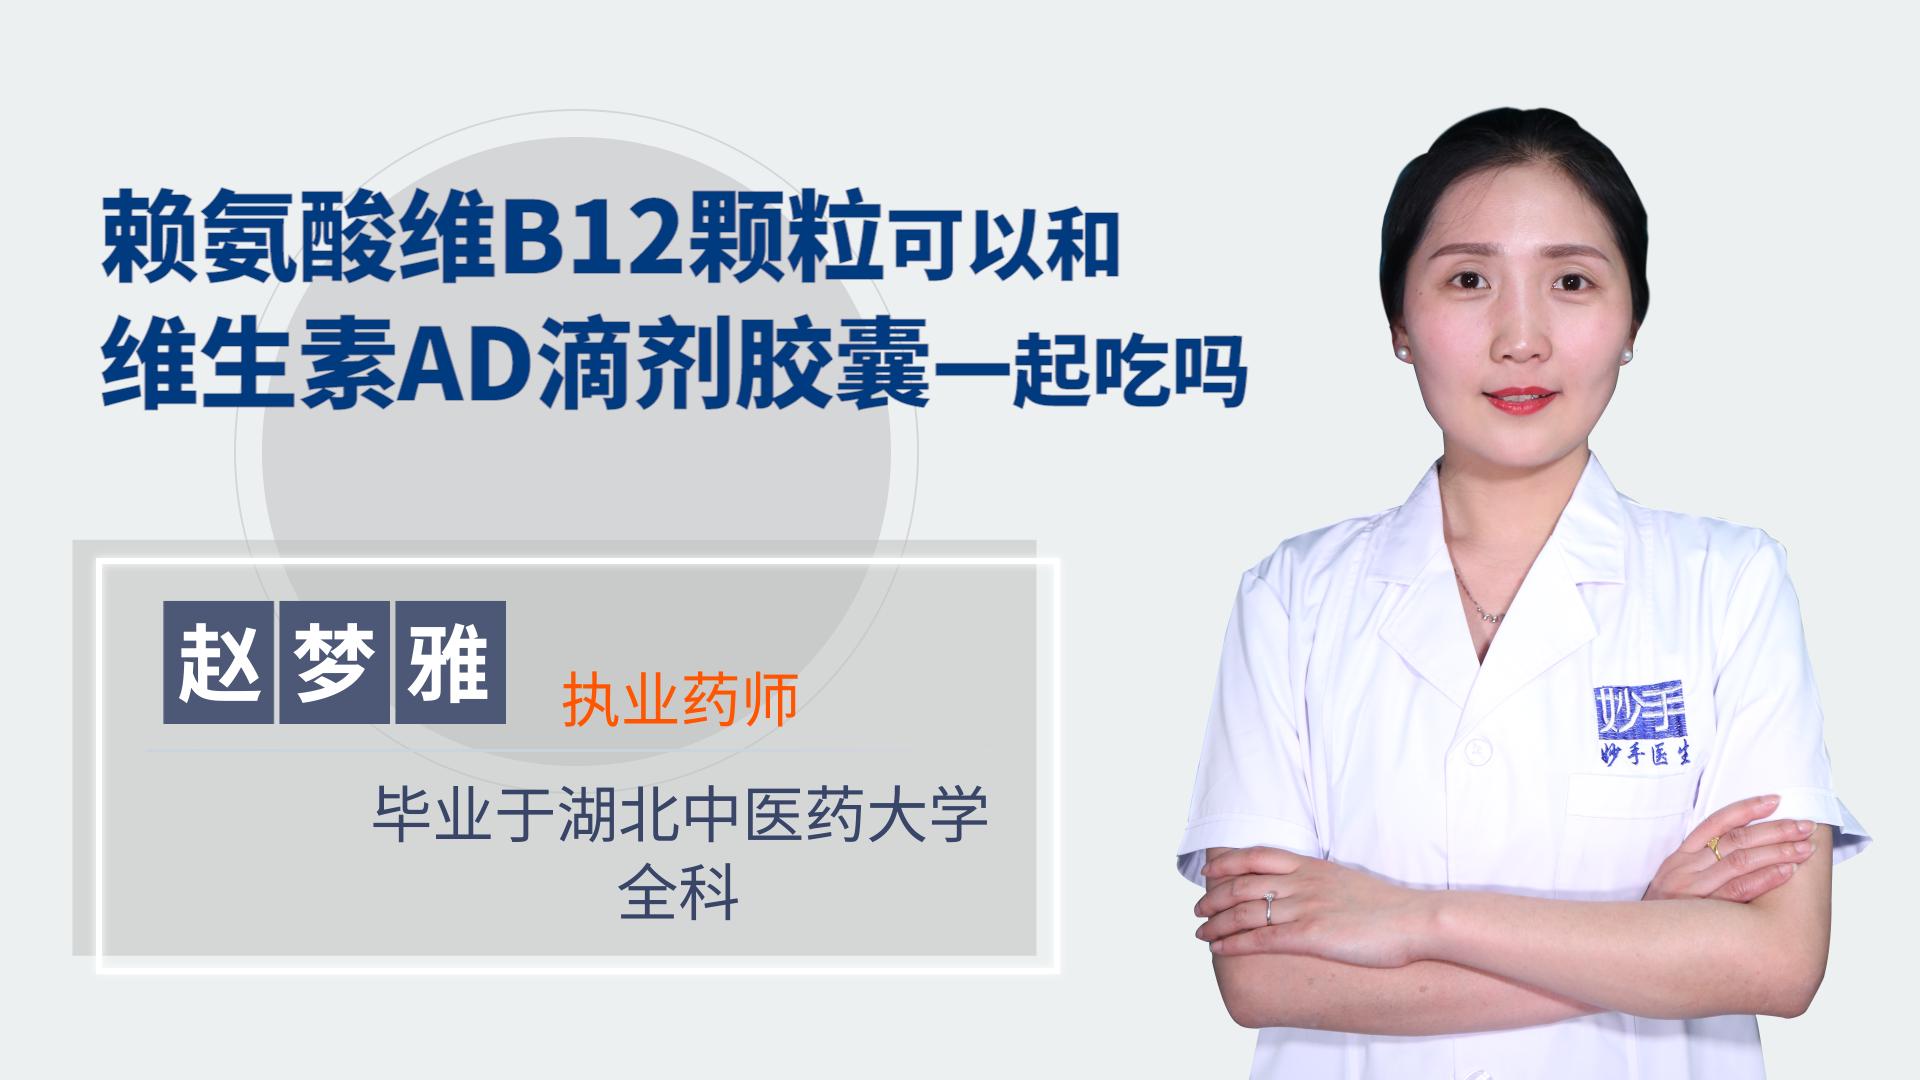 赖氨酸维B12颗粒可以和维生素AD滴剂胶囊一起吃吗